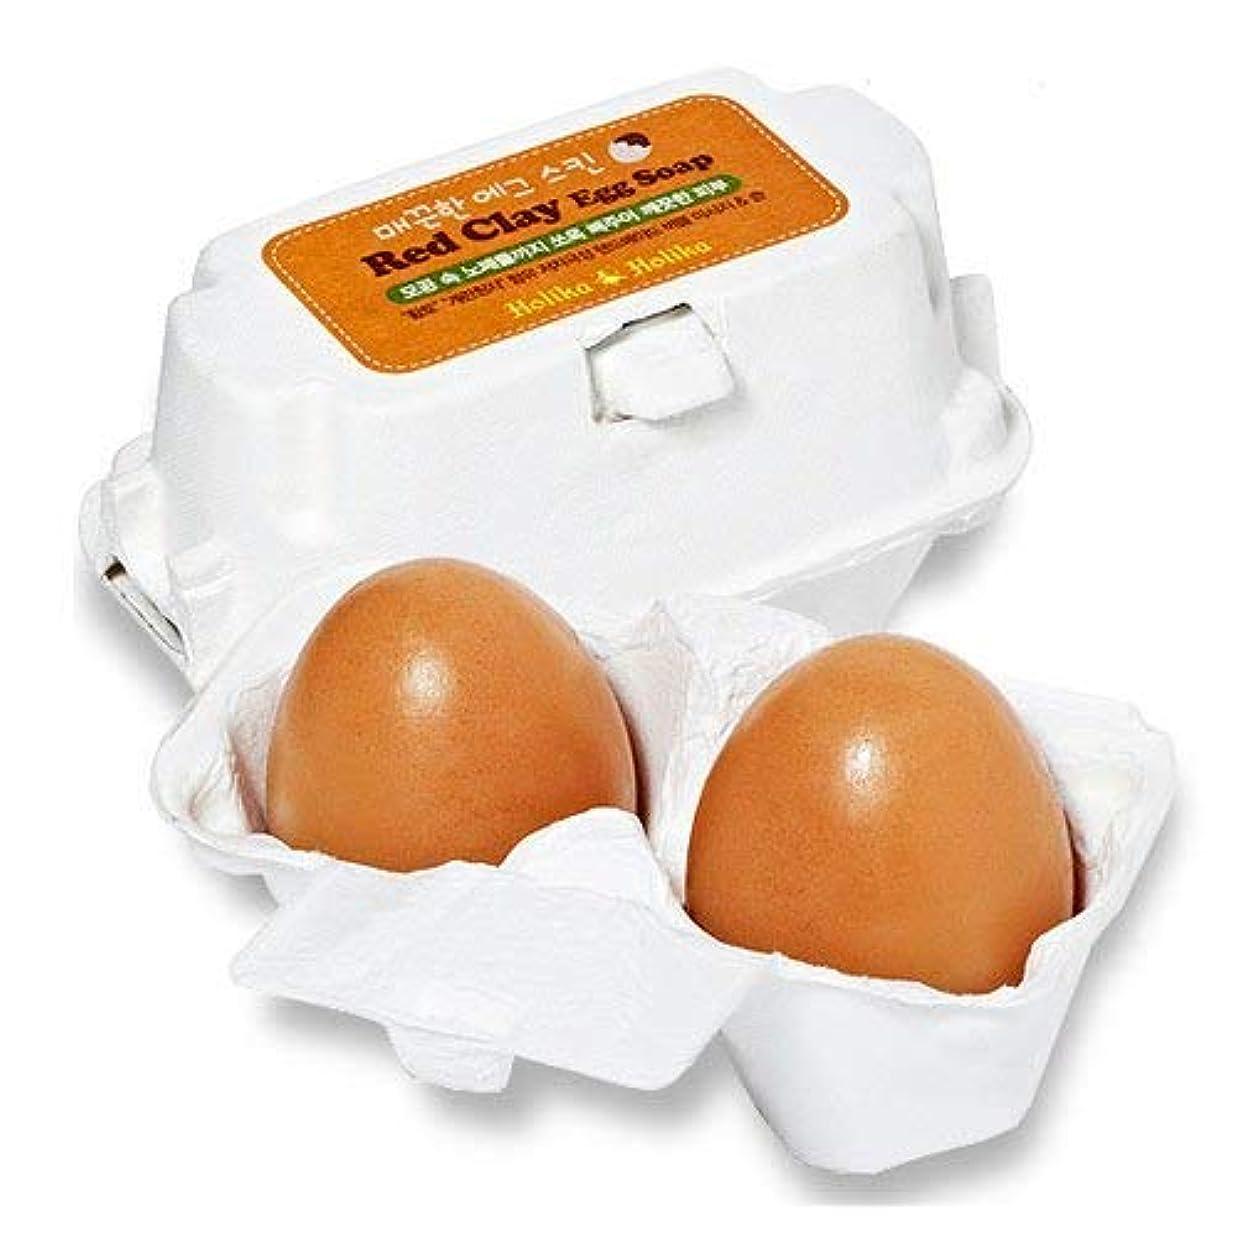 助けてソーセージ関係する[黄土/Red Clay] Holika Holika Egg Skin Egg Soap ホリカホリカ エッグスキン エッグソープ (50g*2個) [並行輸入品]